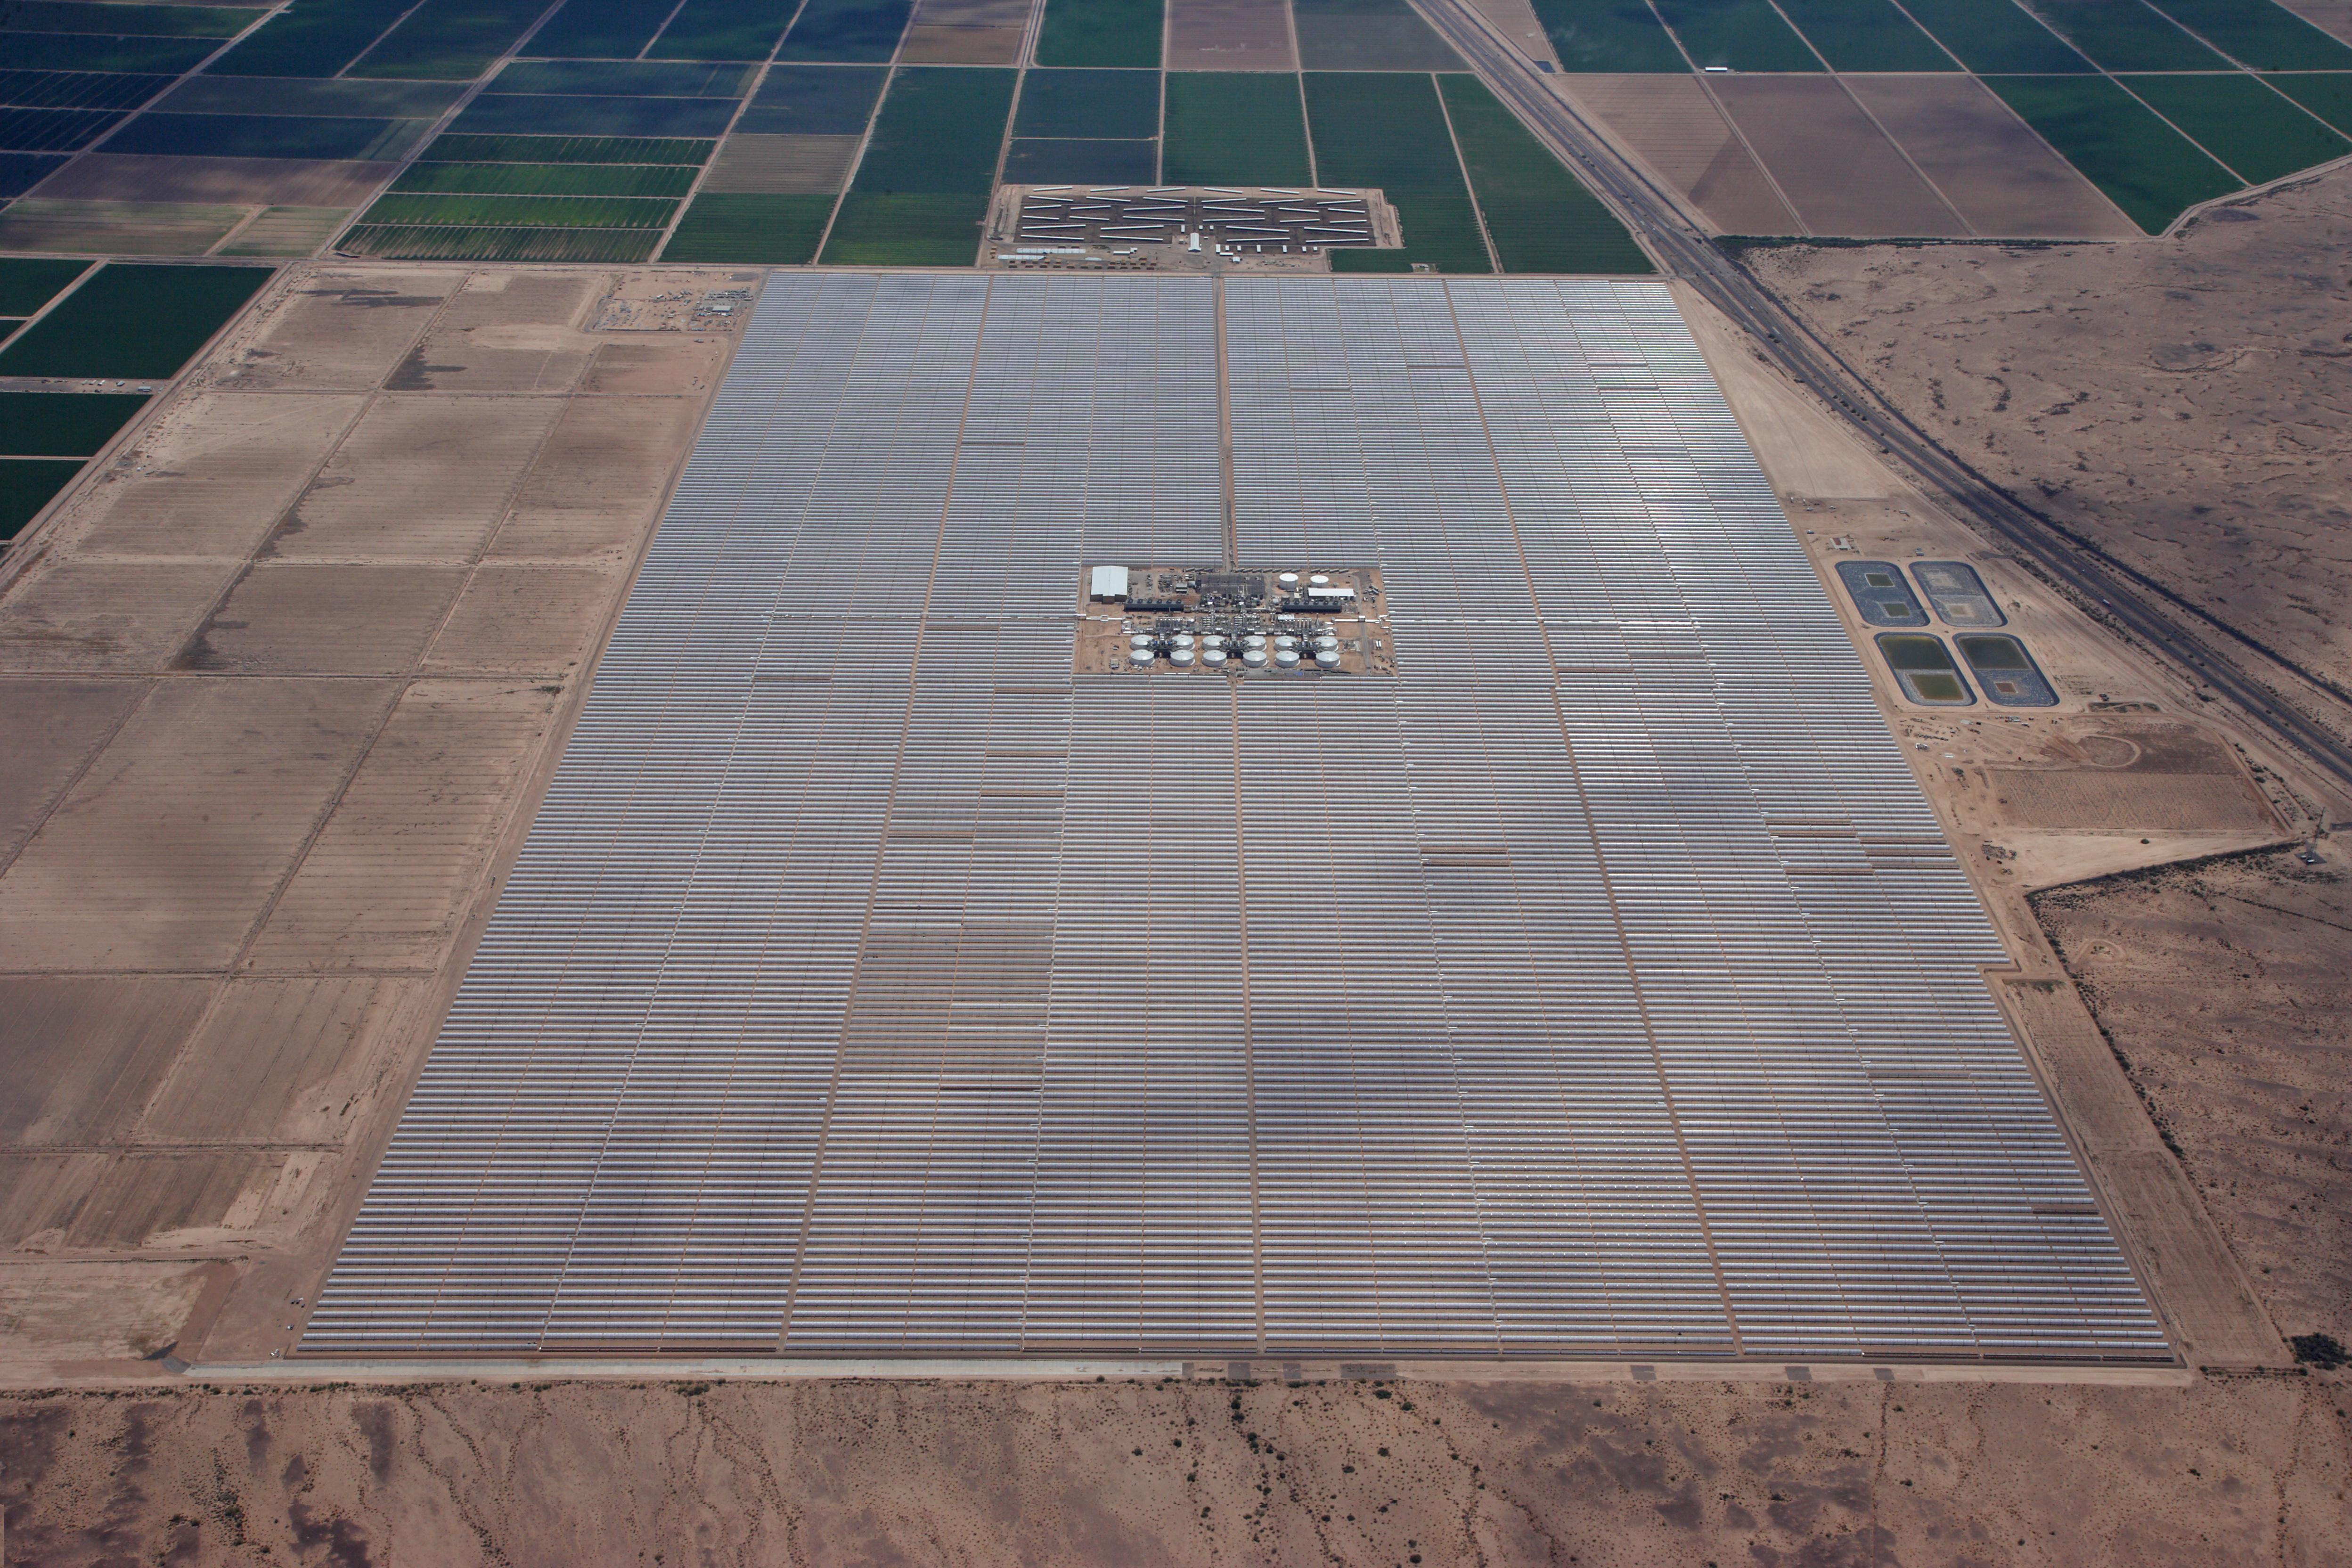 Termosolar y energías renovables: Entra en funcionamiento la termosolar Solana de Abengoa con 280 MW